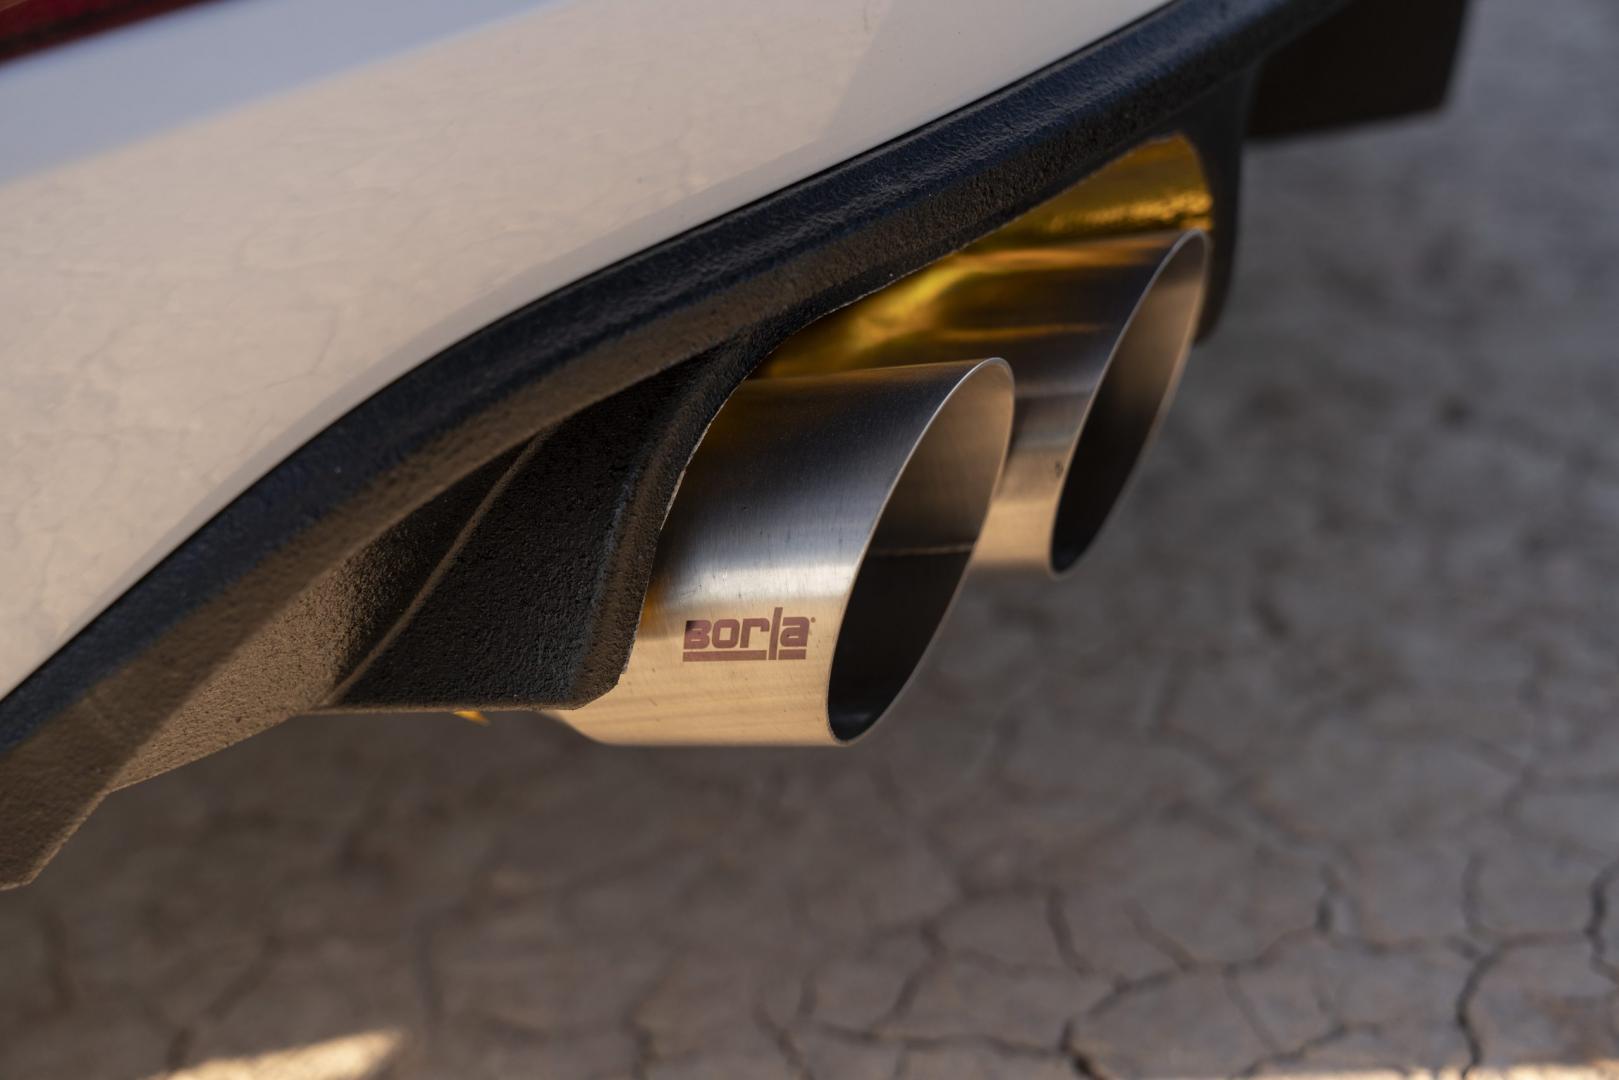 Volkswagen Jetta S uitlaat borla